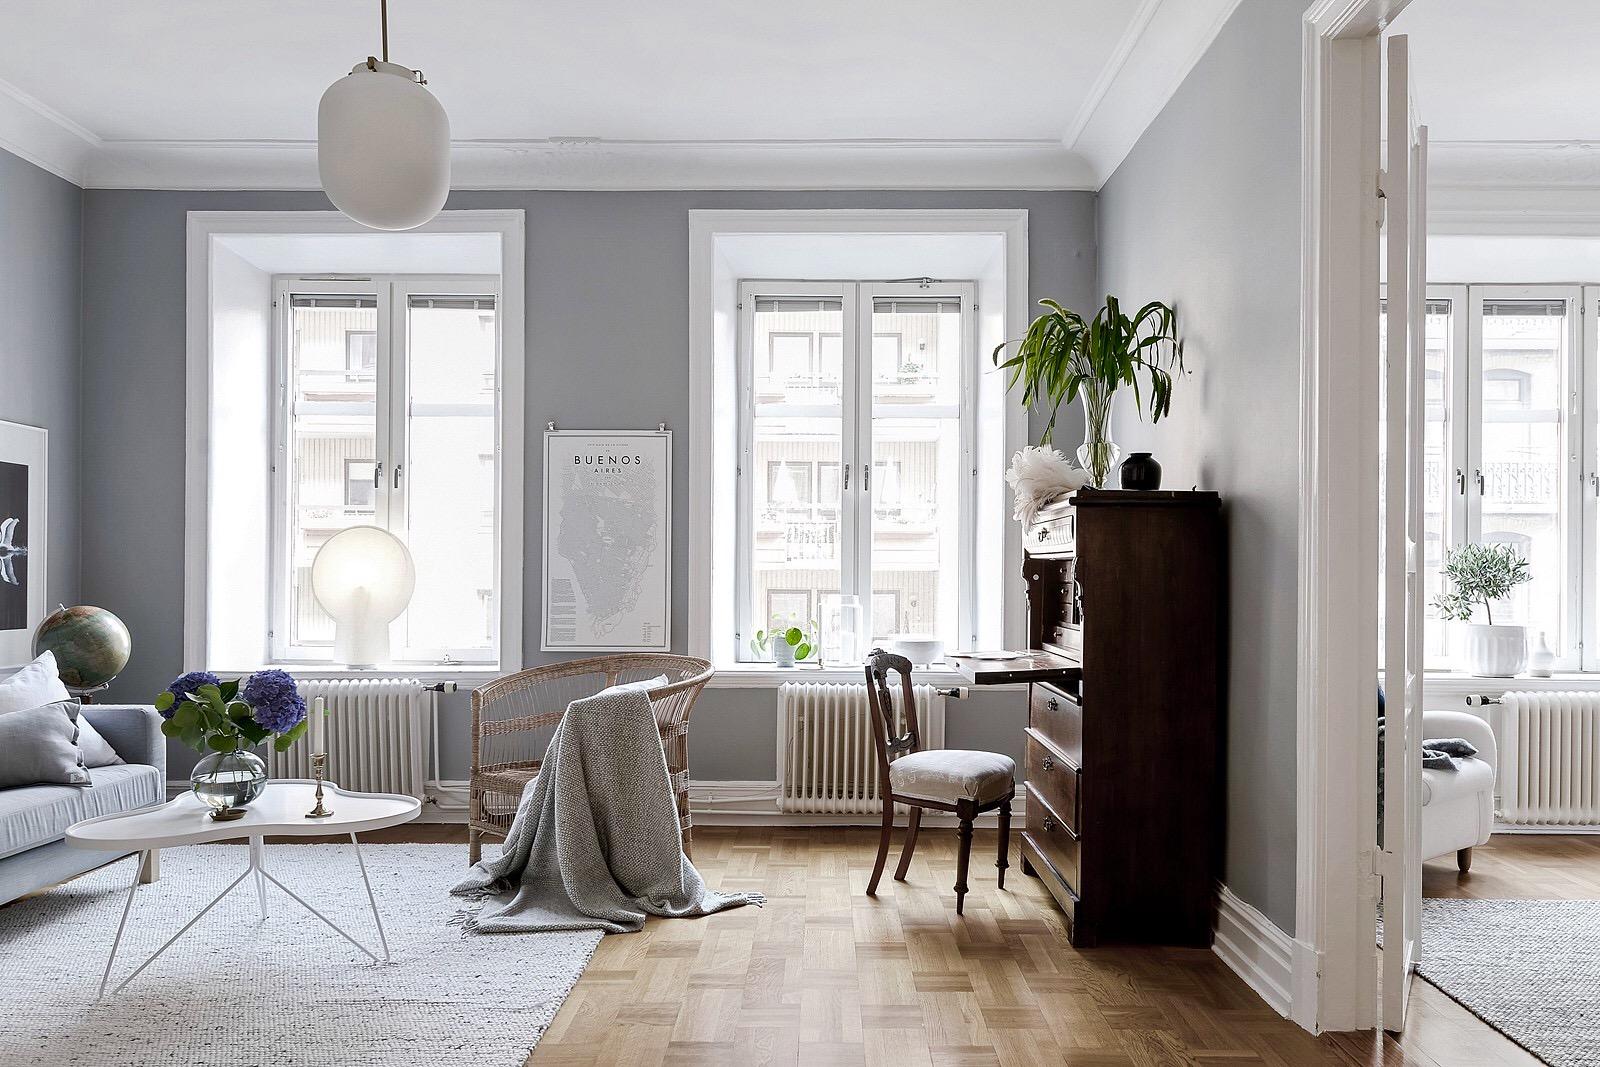 гостиная окно комод стул кресло диван ковер